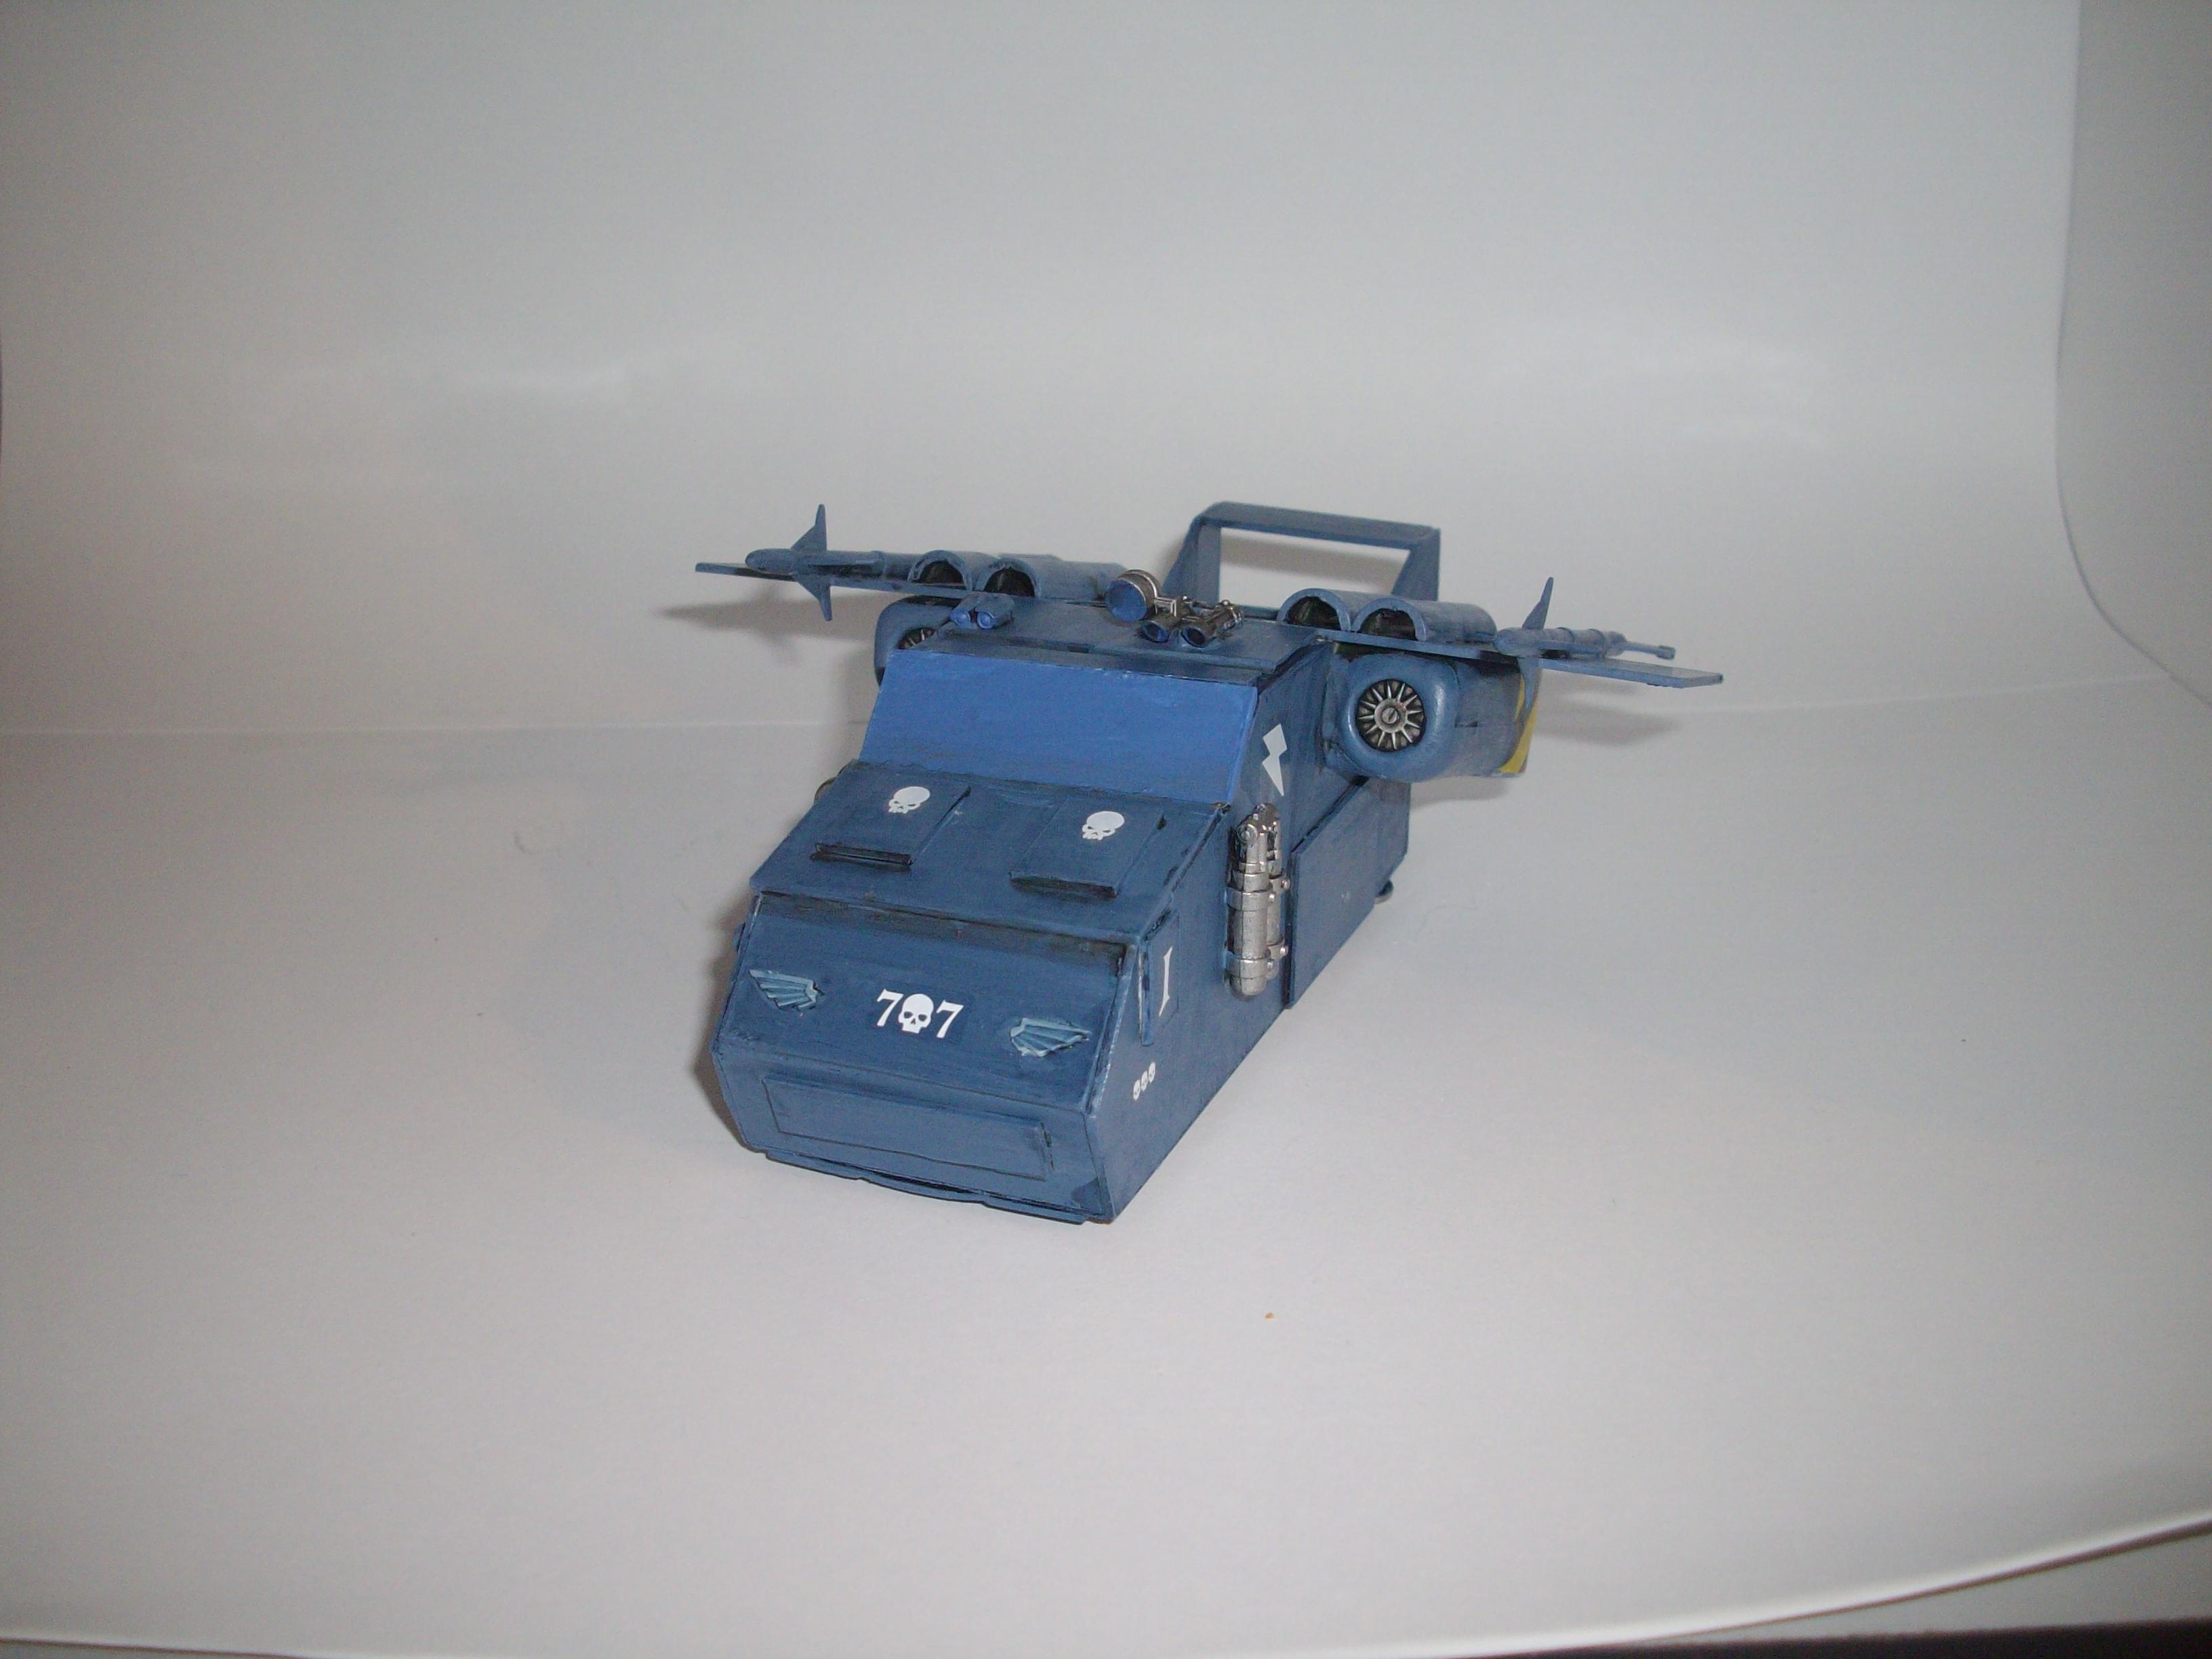 Guard, Scratch Build, Skimmer, Vehicle